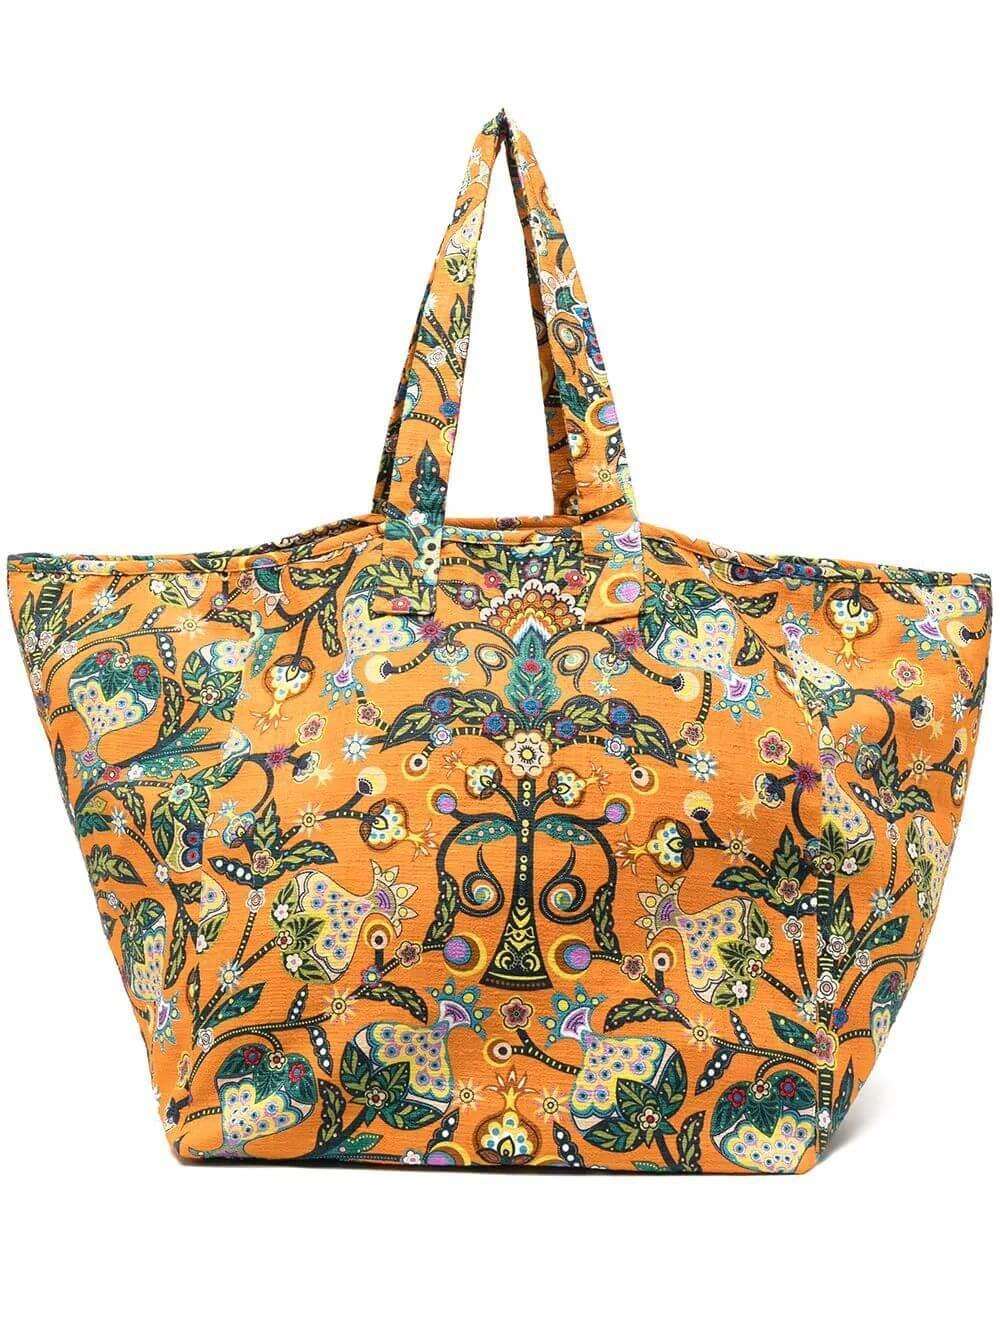 Reversible Tote Bag Item # BAG0022-COT-005